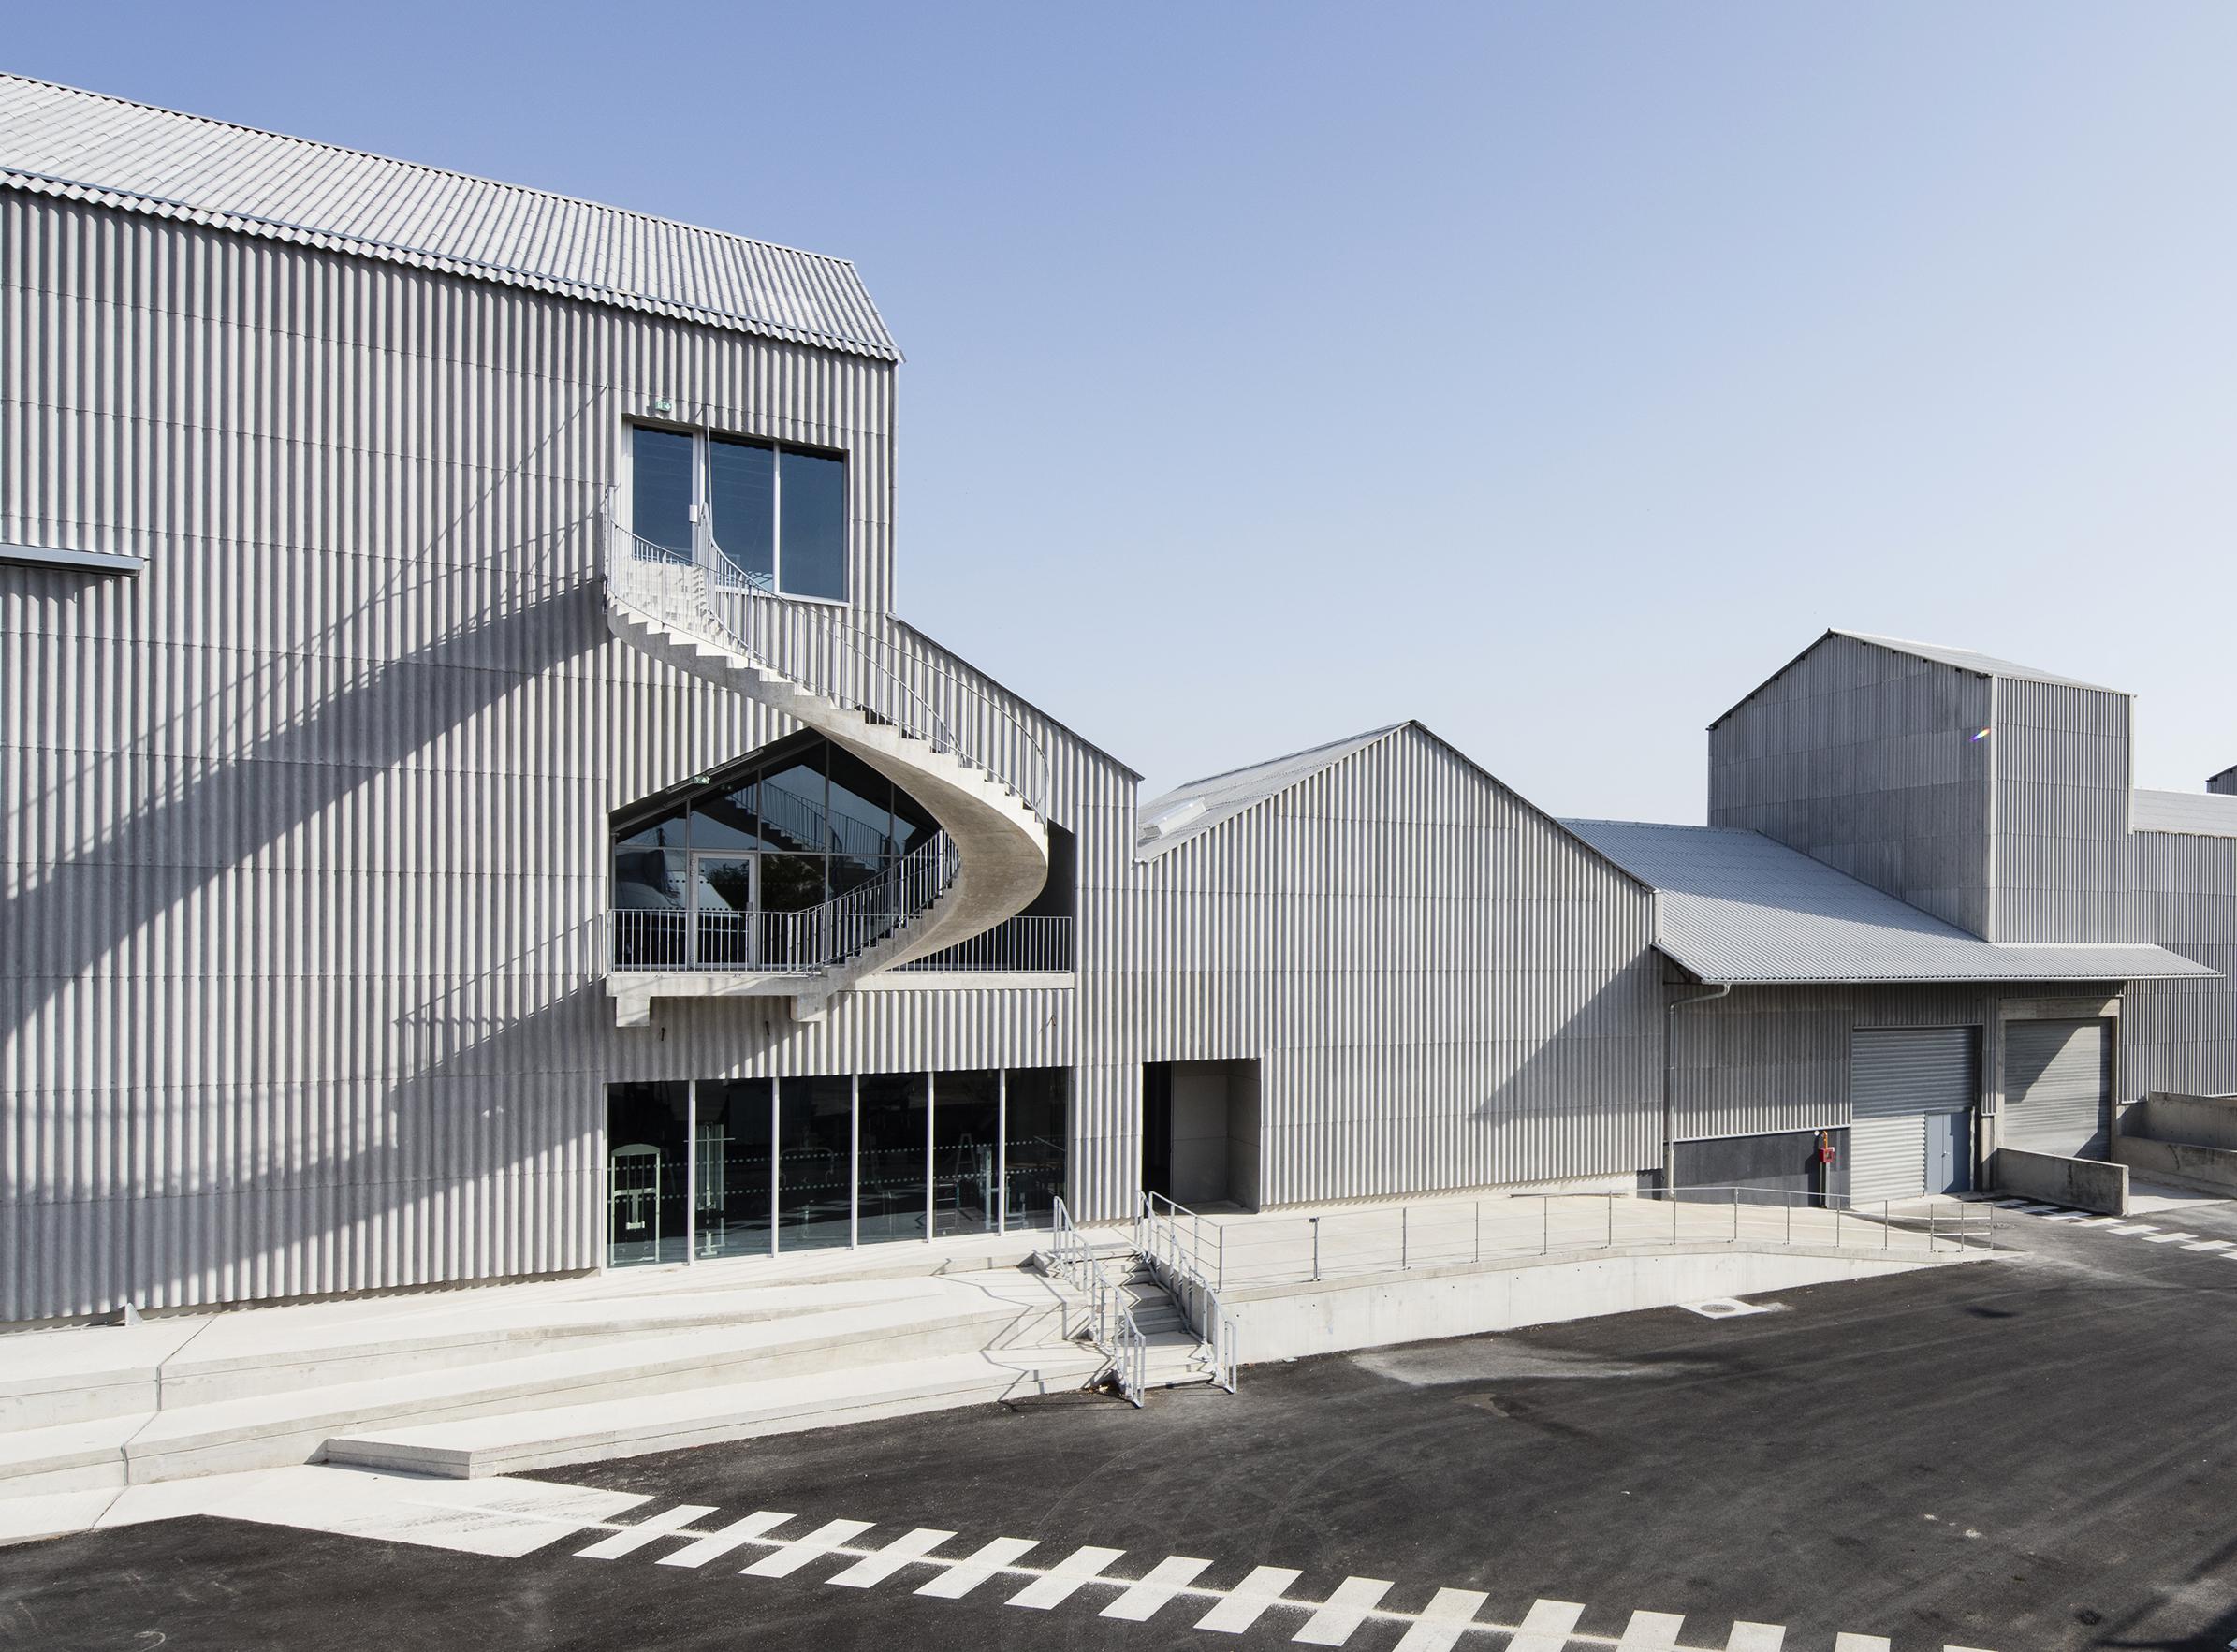 Le CNAC 04 - Friches + Culturel - Caractère Spécial Matthieu Poitevin Architecture